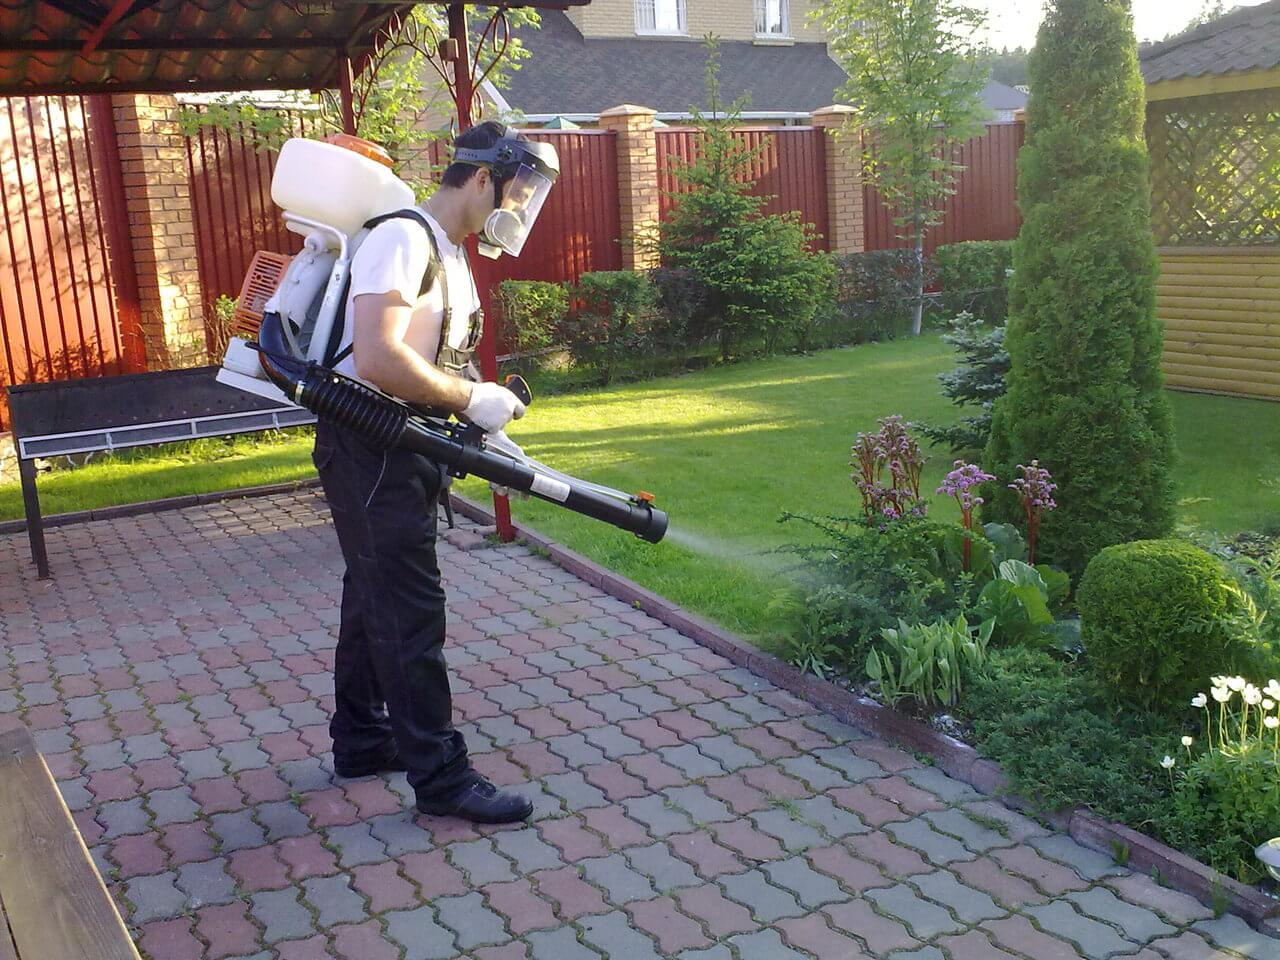 Ранцевые садовые электрические опрыскиватели: описание, принцип работы